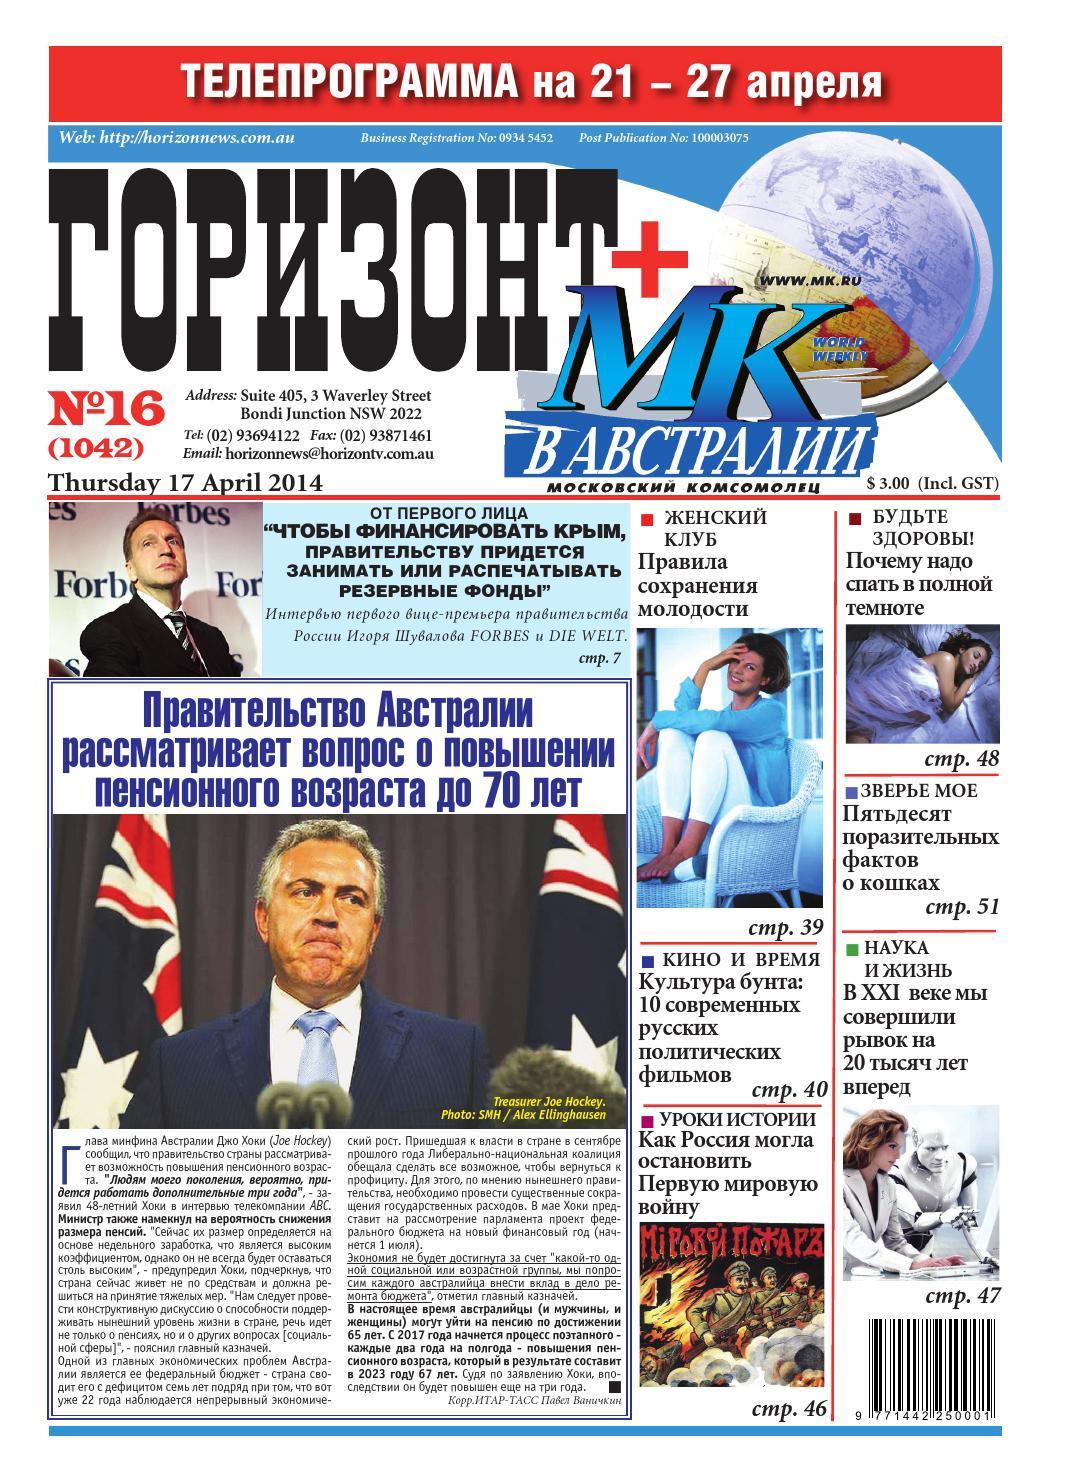 Mail. Ru: почта, поиск в интернете, новости, игры | видео чат анита.